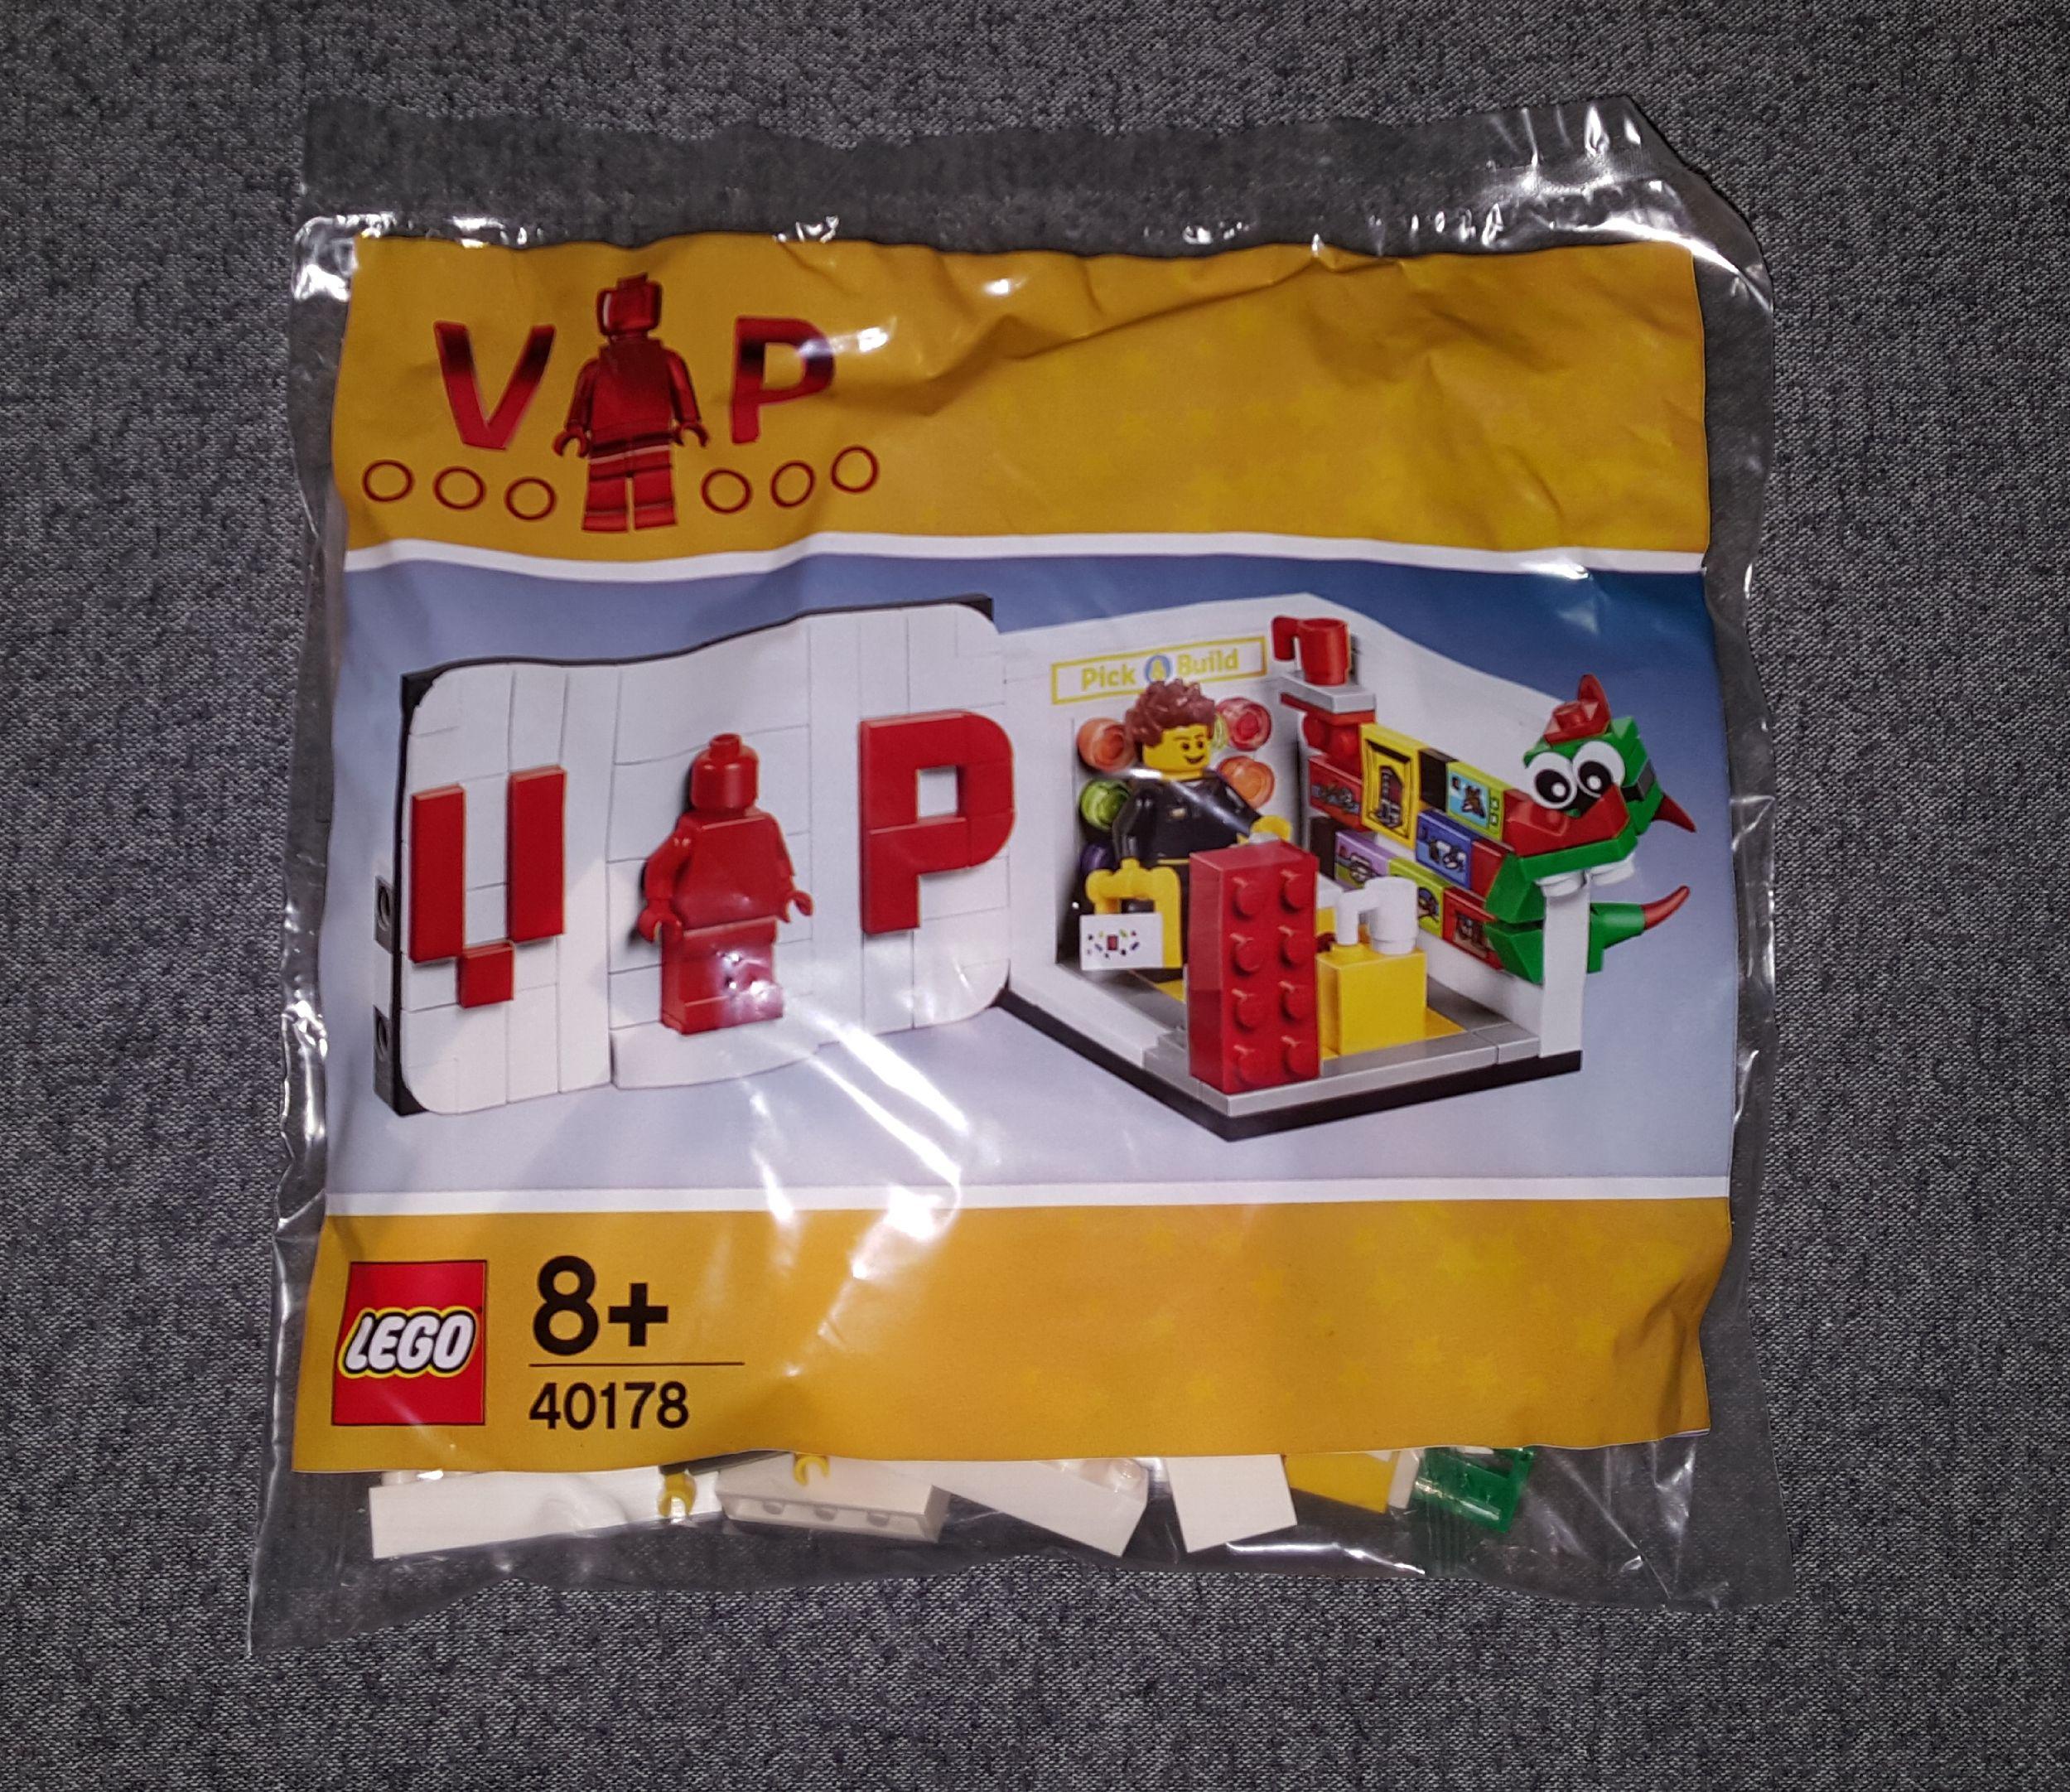 [OFFLINE LEGO Shop] Gratiszugabe VIP Shop 40178 bei Einkauf ab 125 Euro